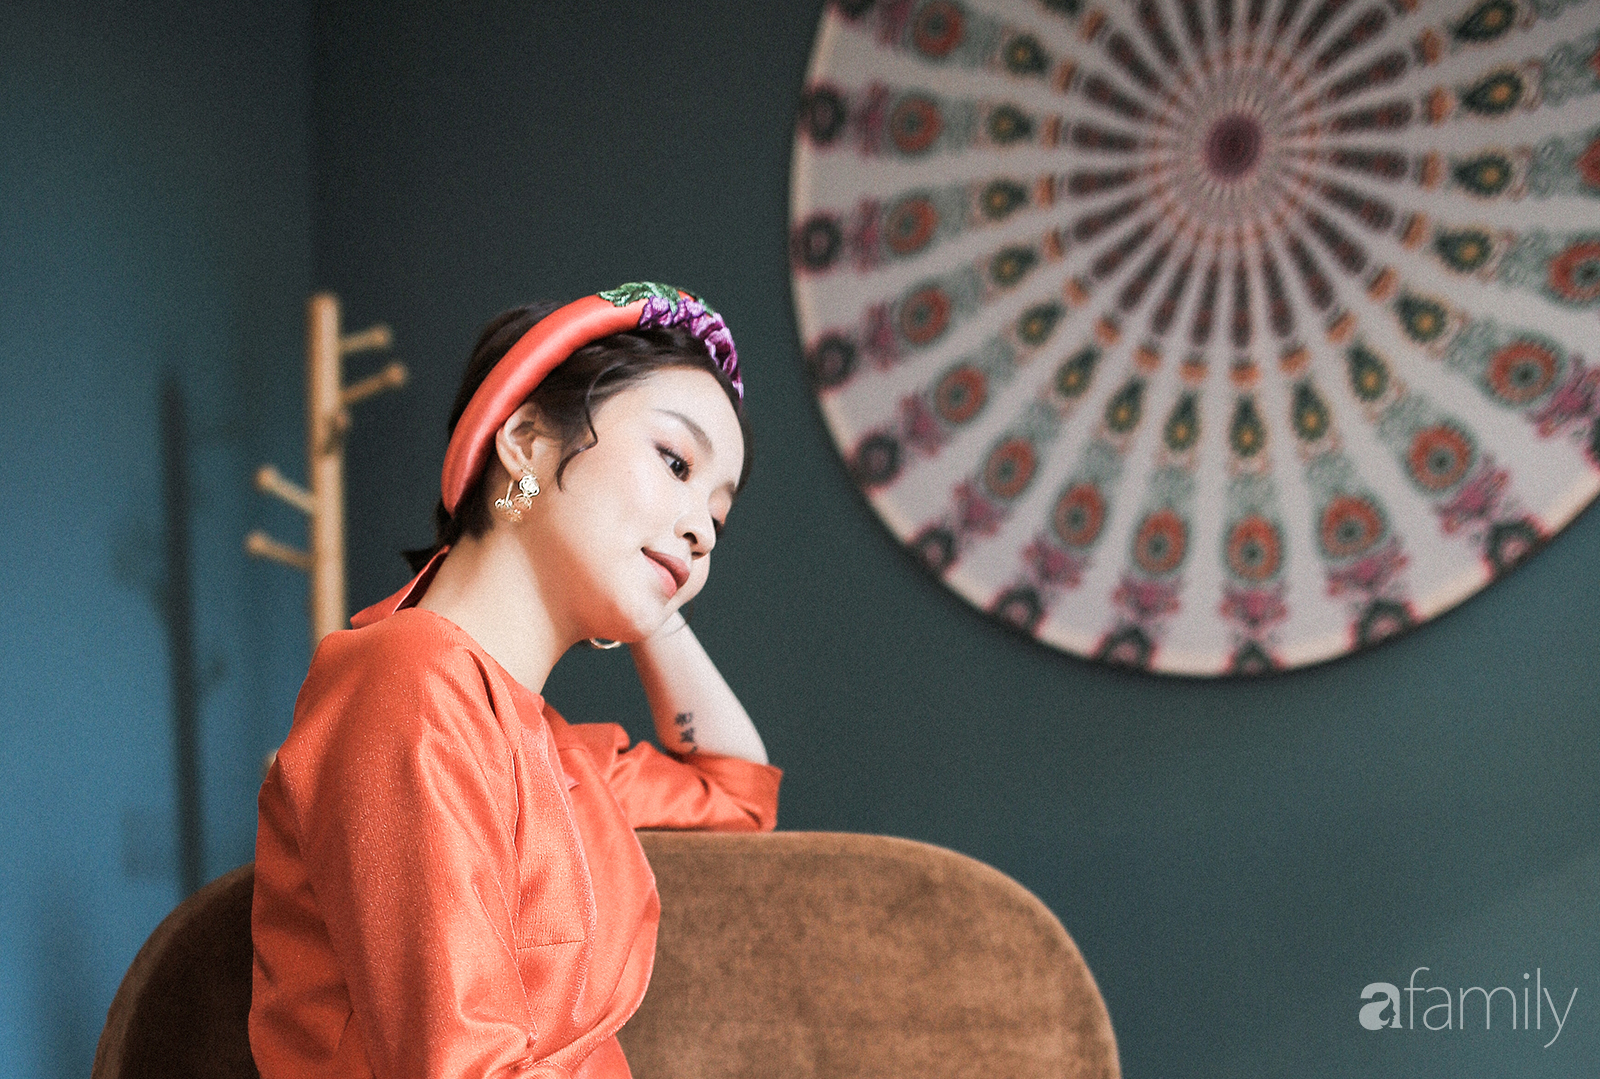 Mi Vân - Cô gái năm ấy chúng ta cùng theo đuổi: Đáng lẽ phải yêu bằng lý trí, thì lại yêu bằng con tim - Ảnh 4.